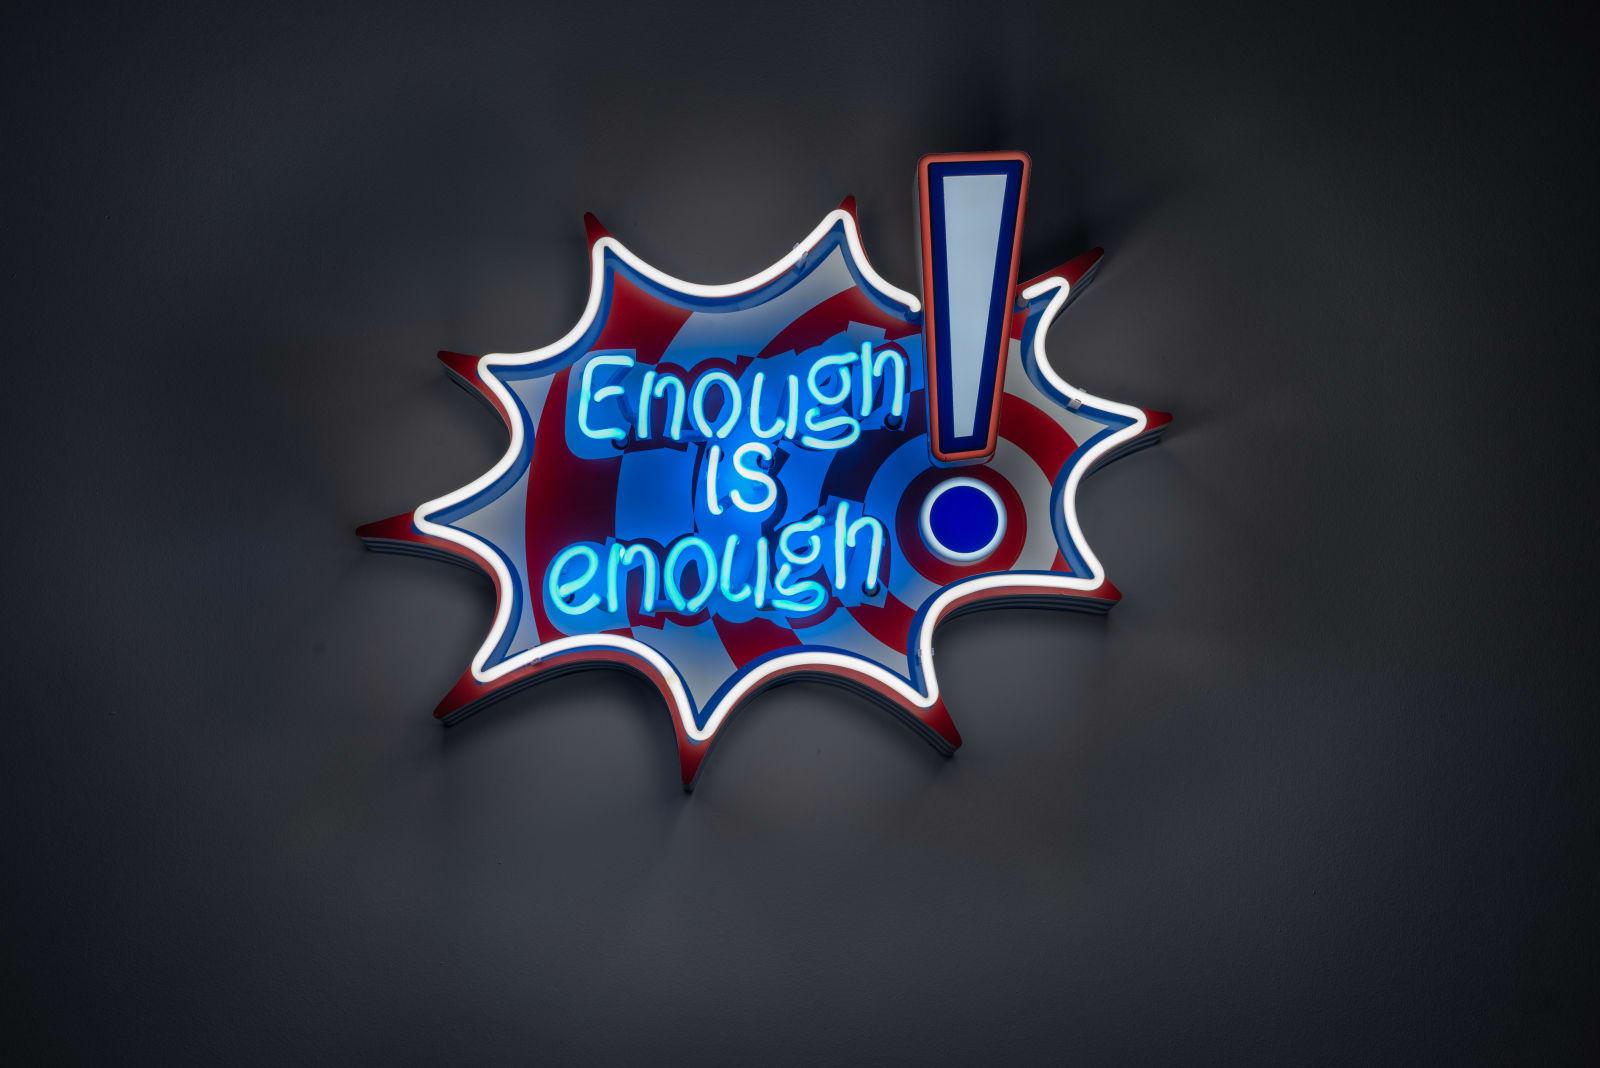 Enough is enough, 2019